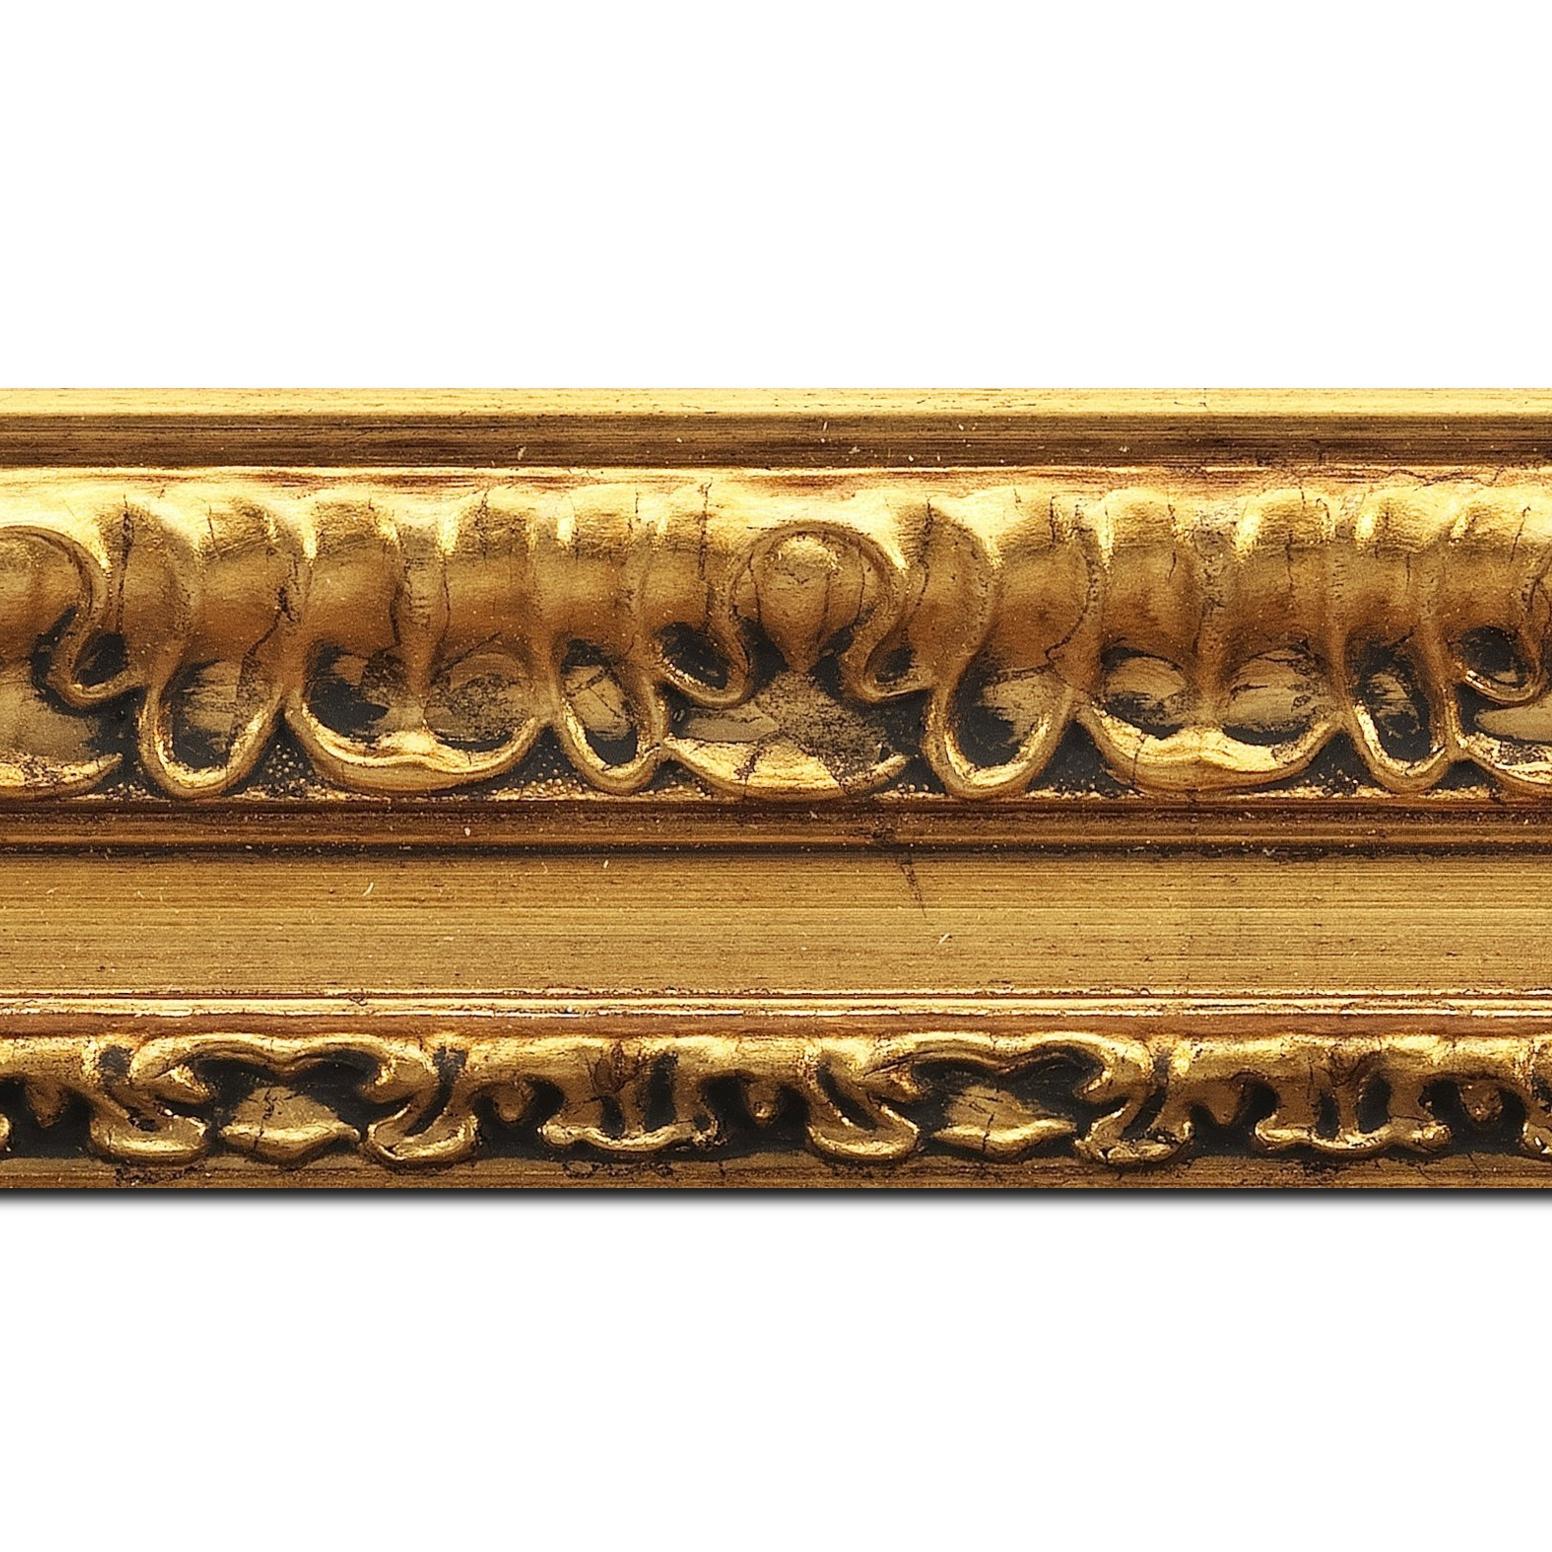 Baguette longueur 1.40m bois profil incurvé largeur 8cm or antique classique